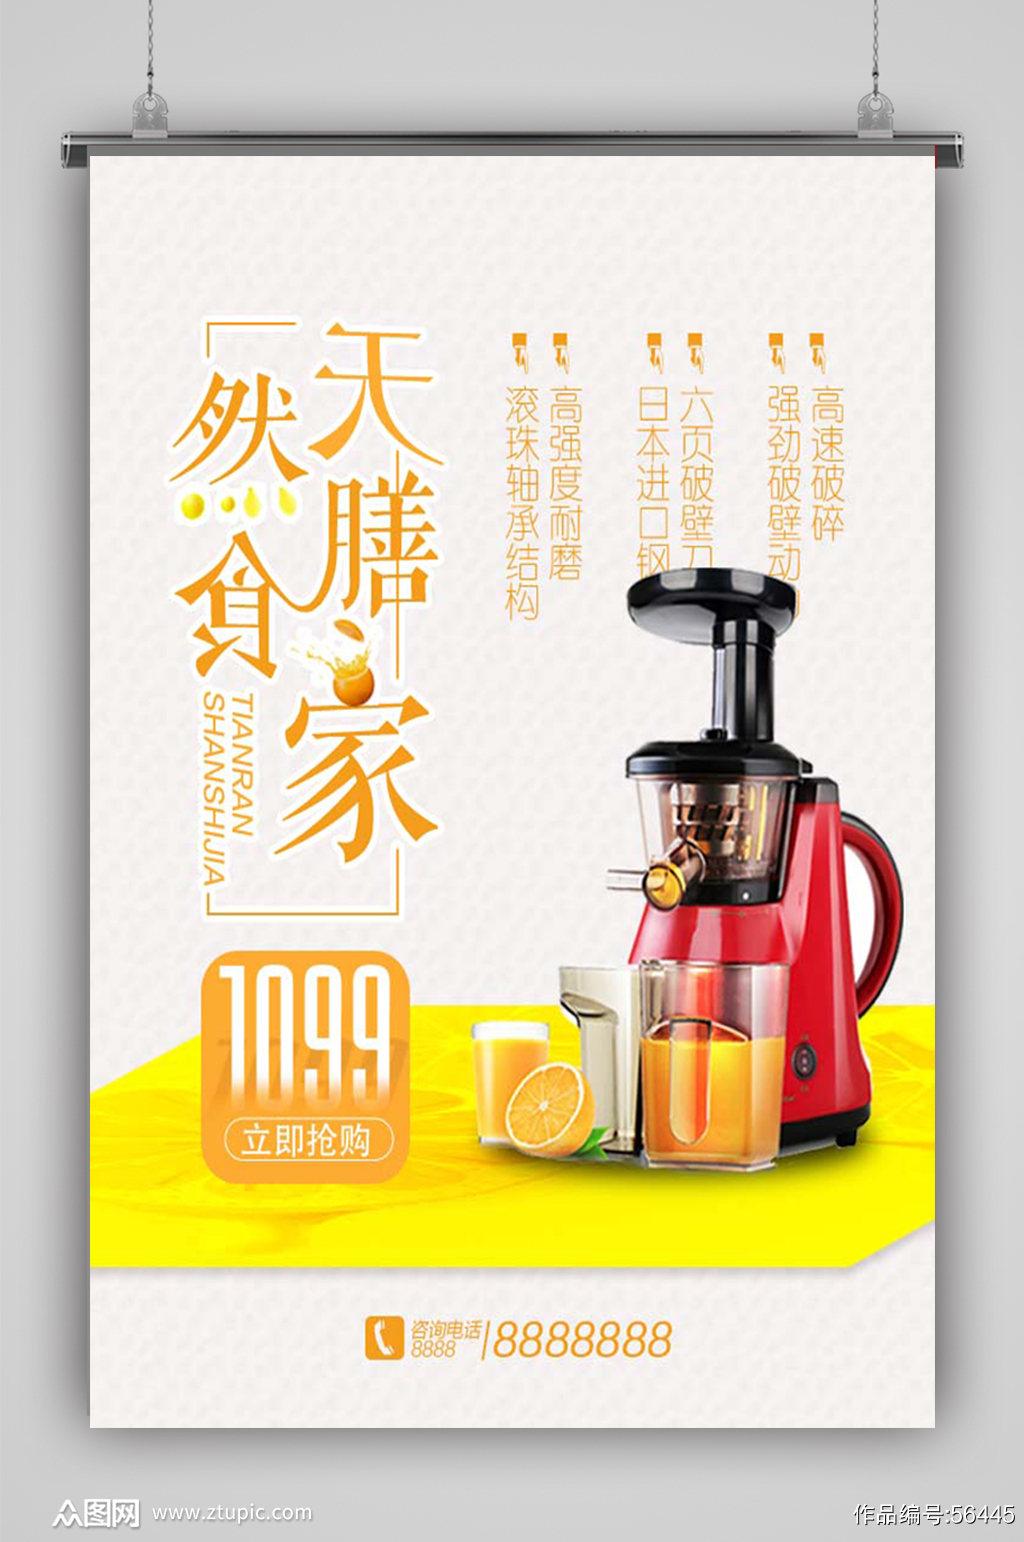 高端榨汁机海报素材